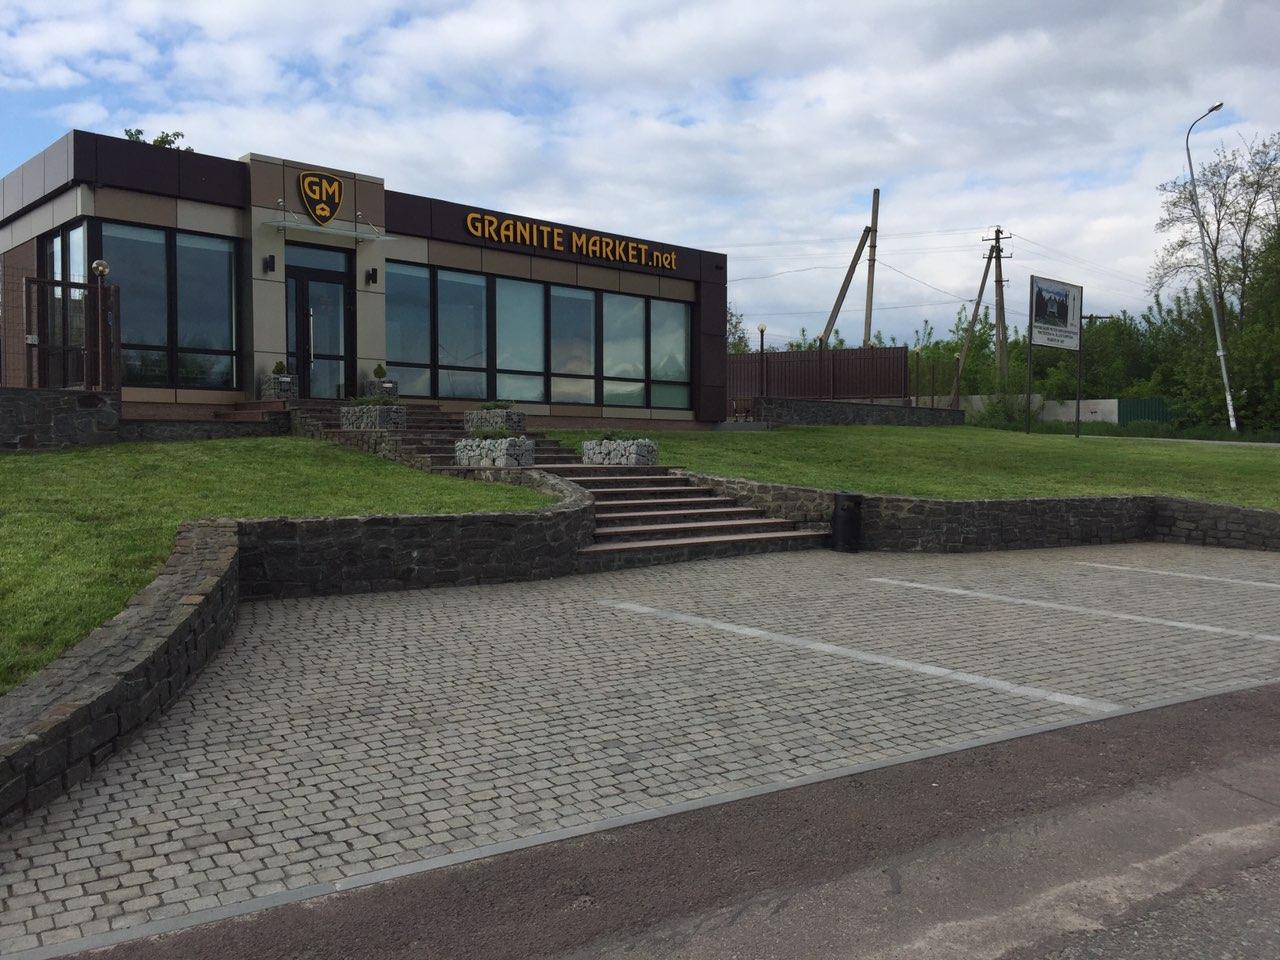 офис Granite Market парковка